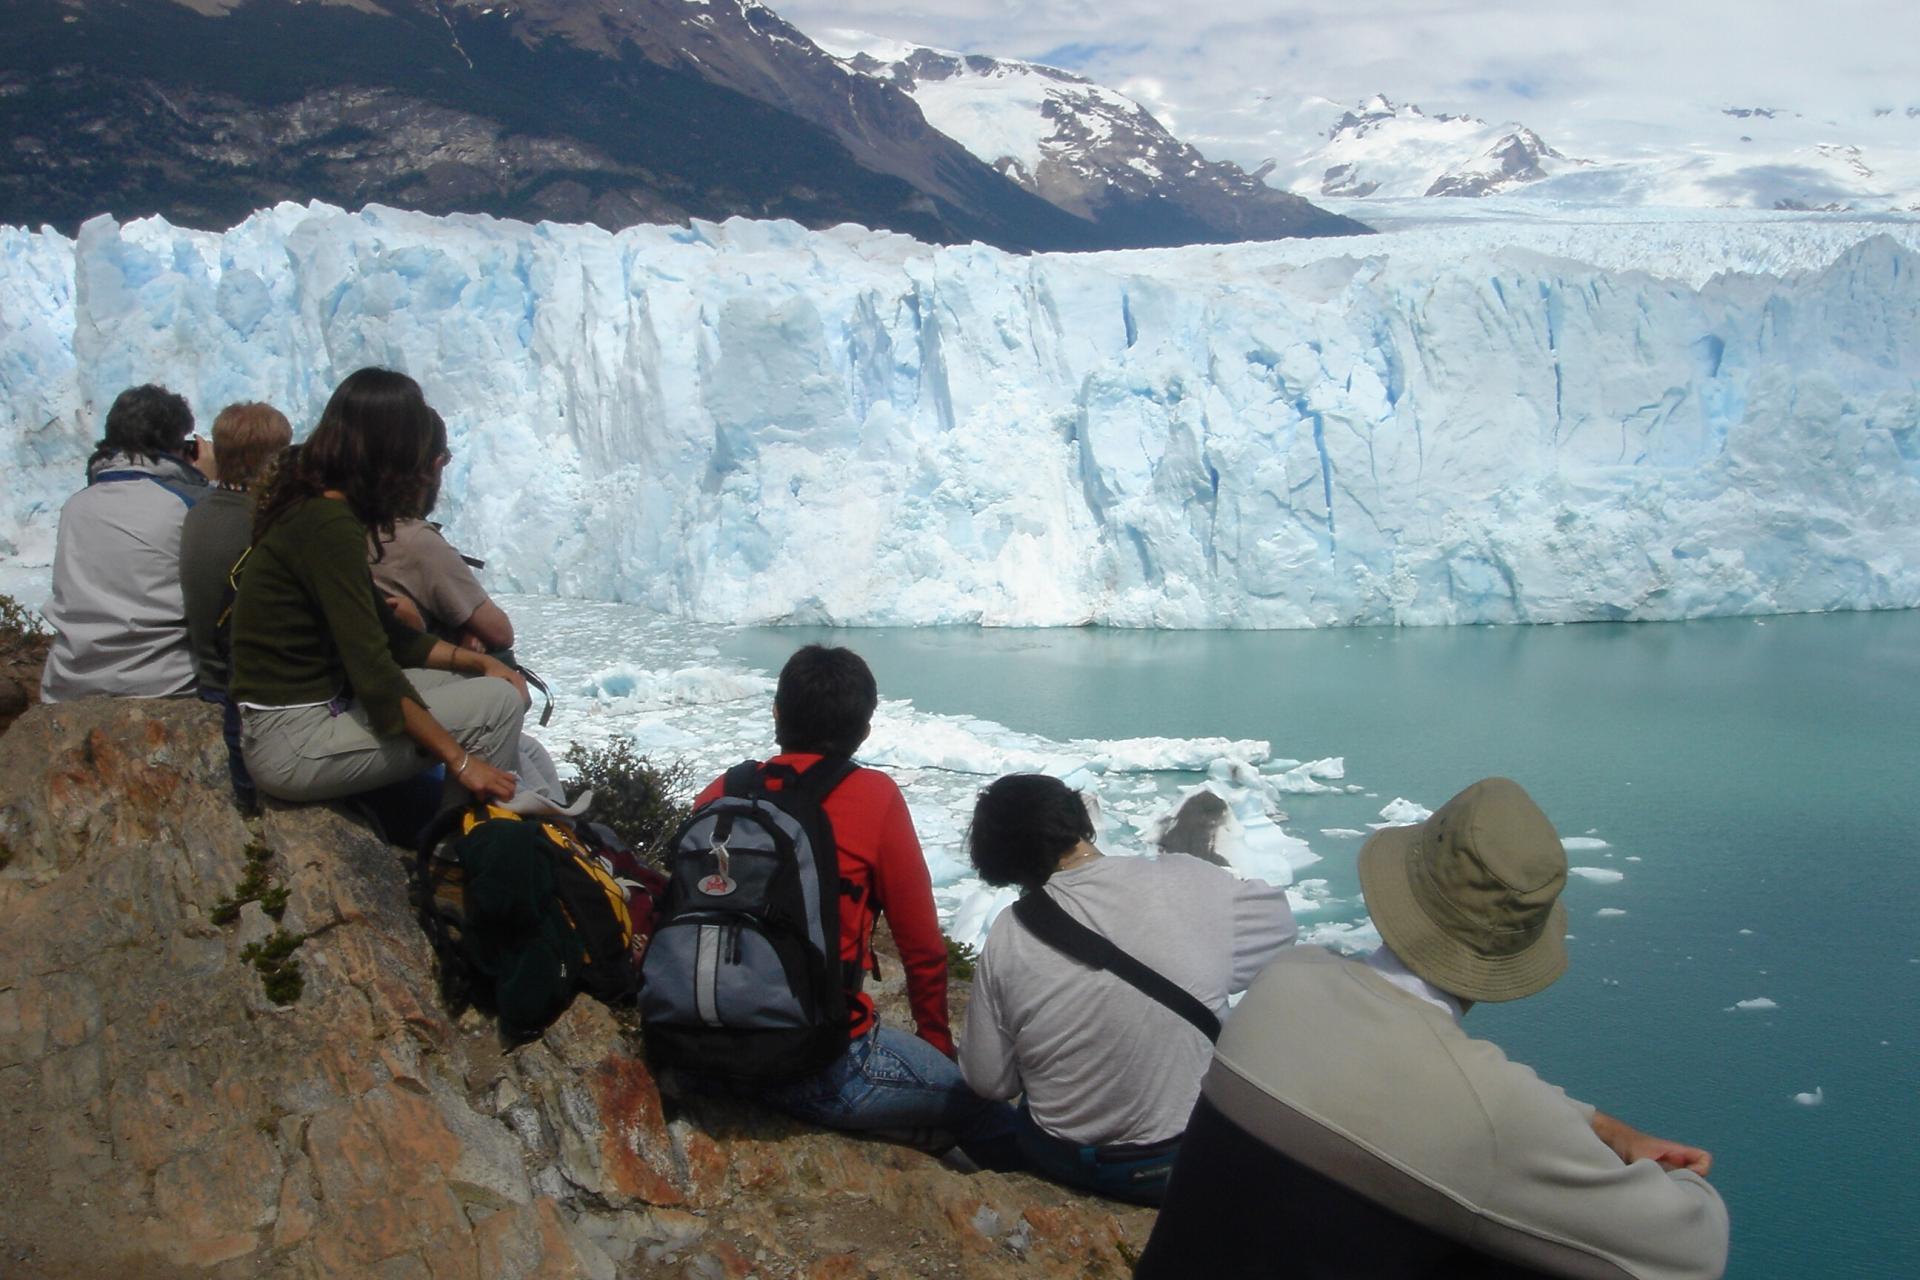 Erleben Sie den berühmten Gletscher Perito Moreno hautnah auf einer Rundreise durch Patagonien